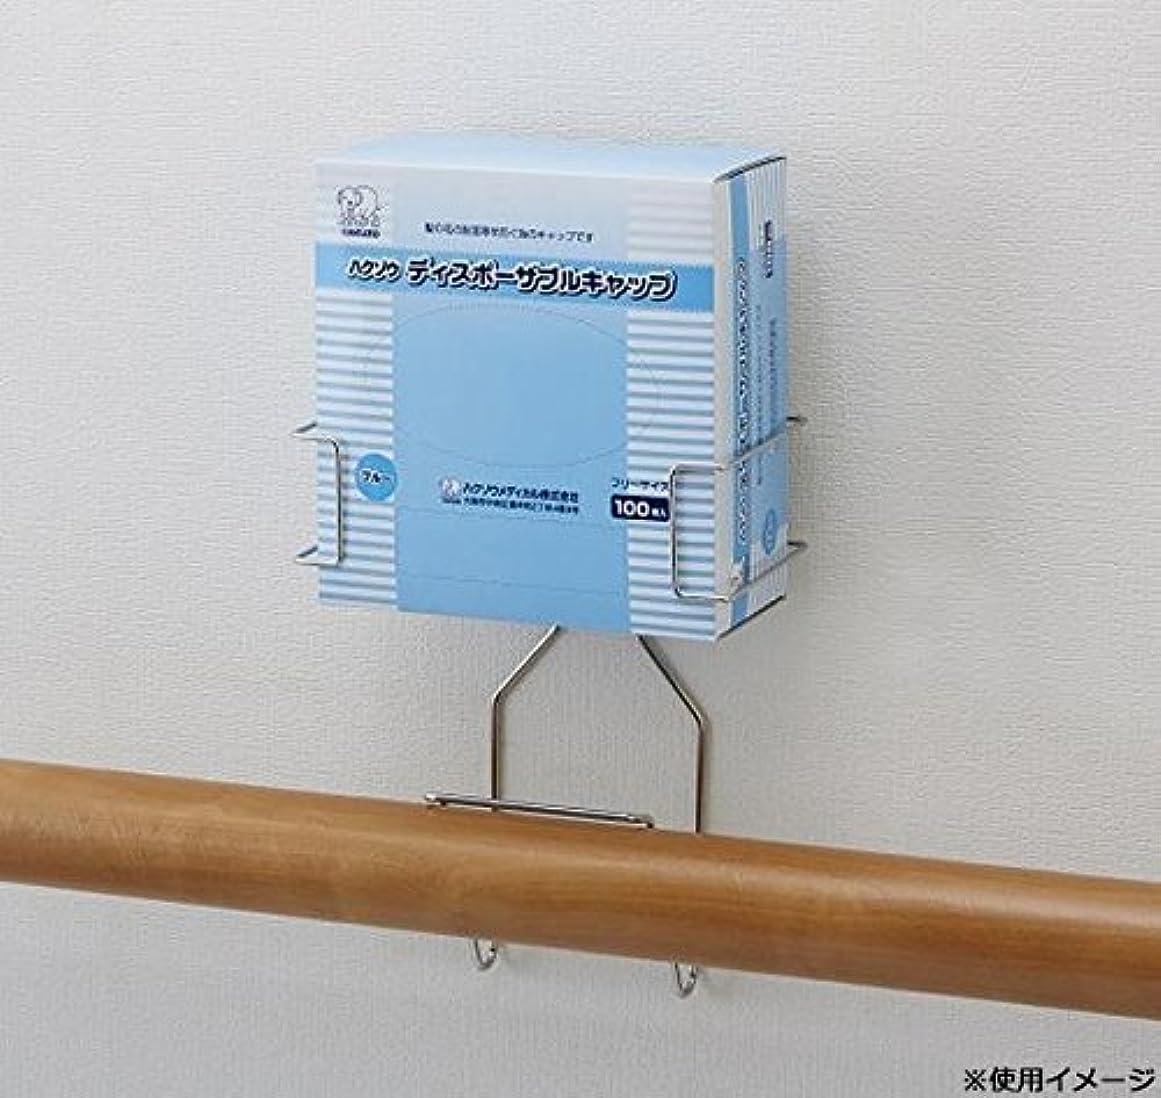 ハクゾウメディカル PPE製品用ホルダーSE(手すり用タイプ) エプロン?グローブタイプ 3904992